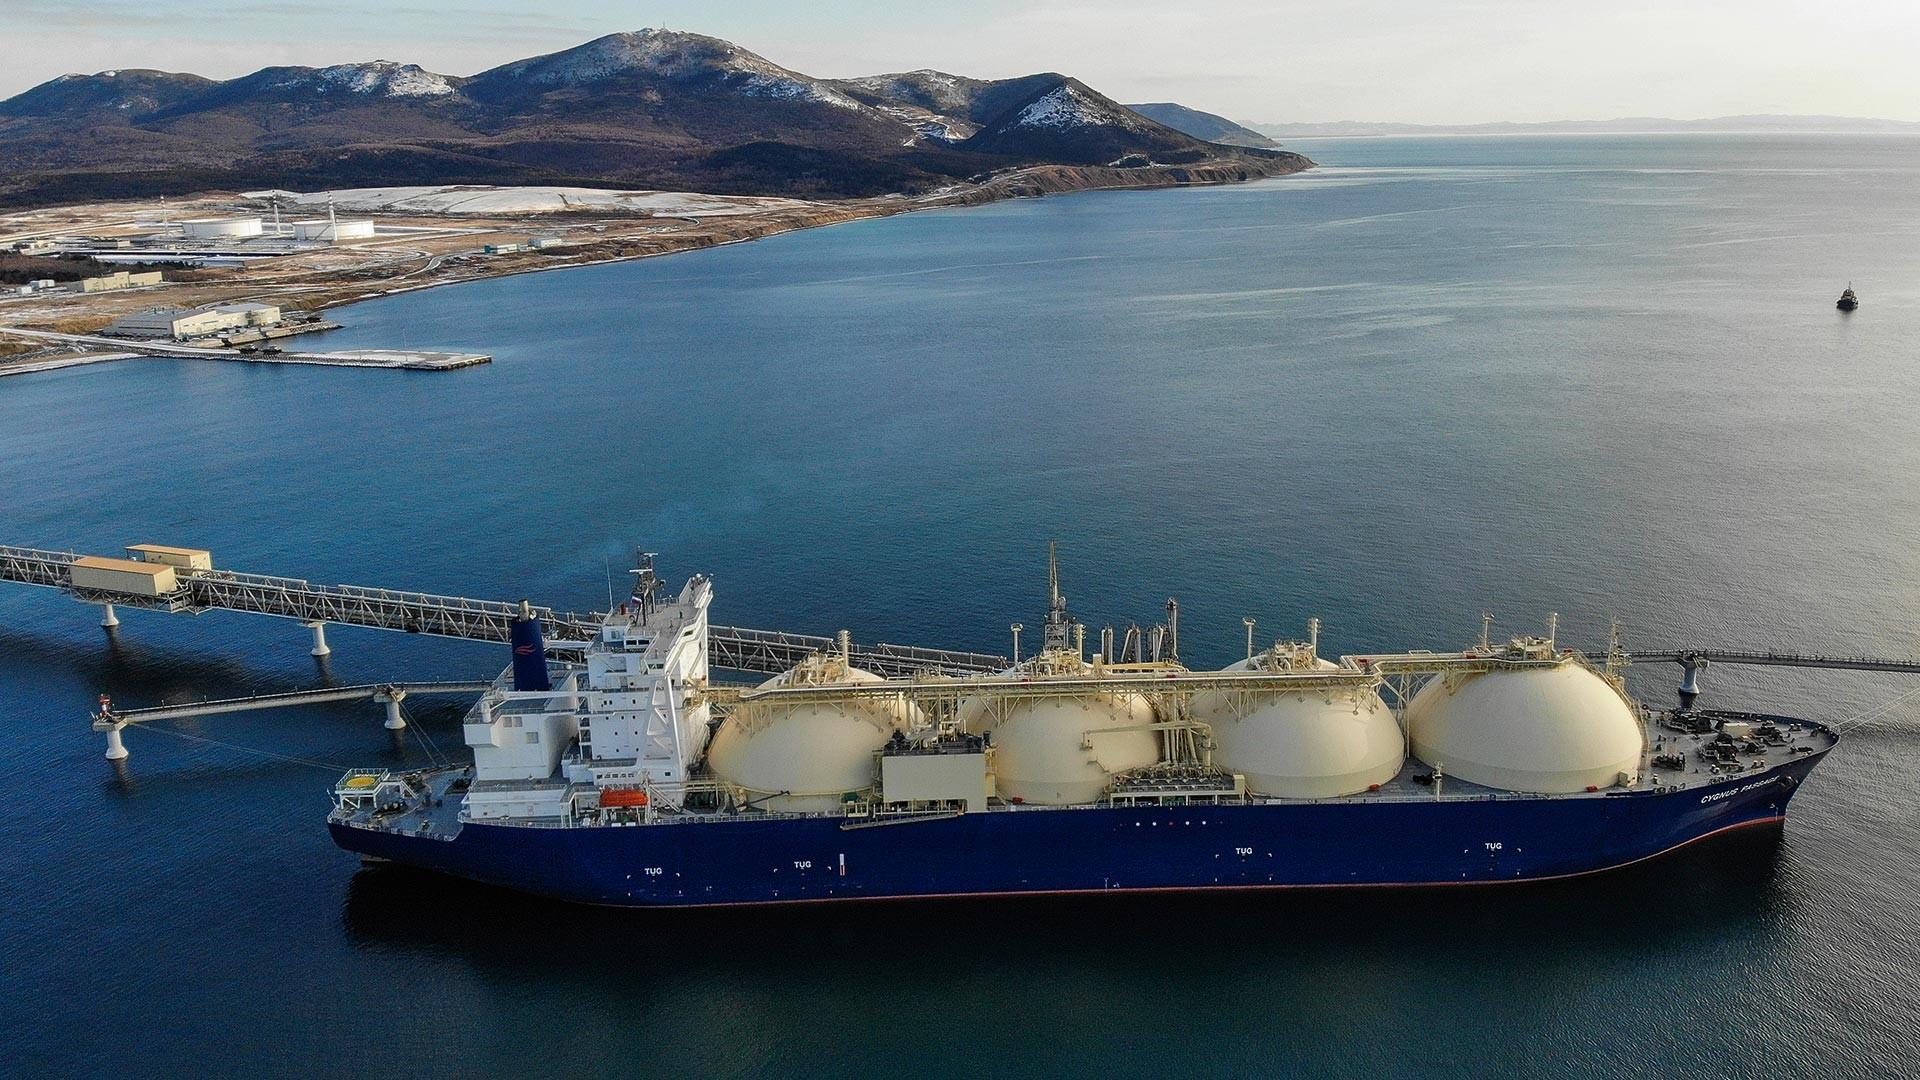 Plinski tanker v pristanišču na otoku Sahalin